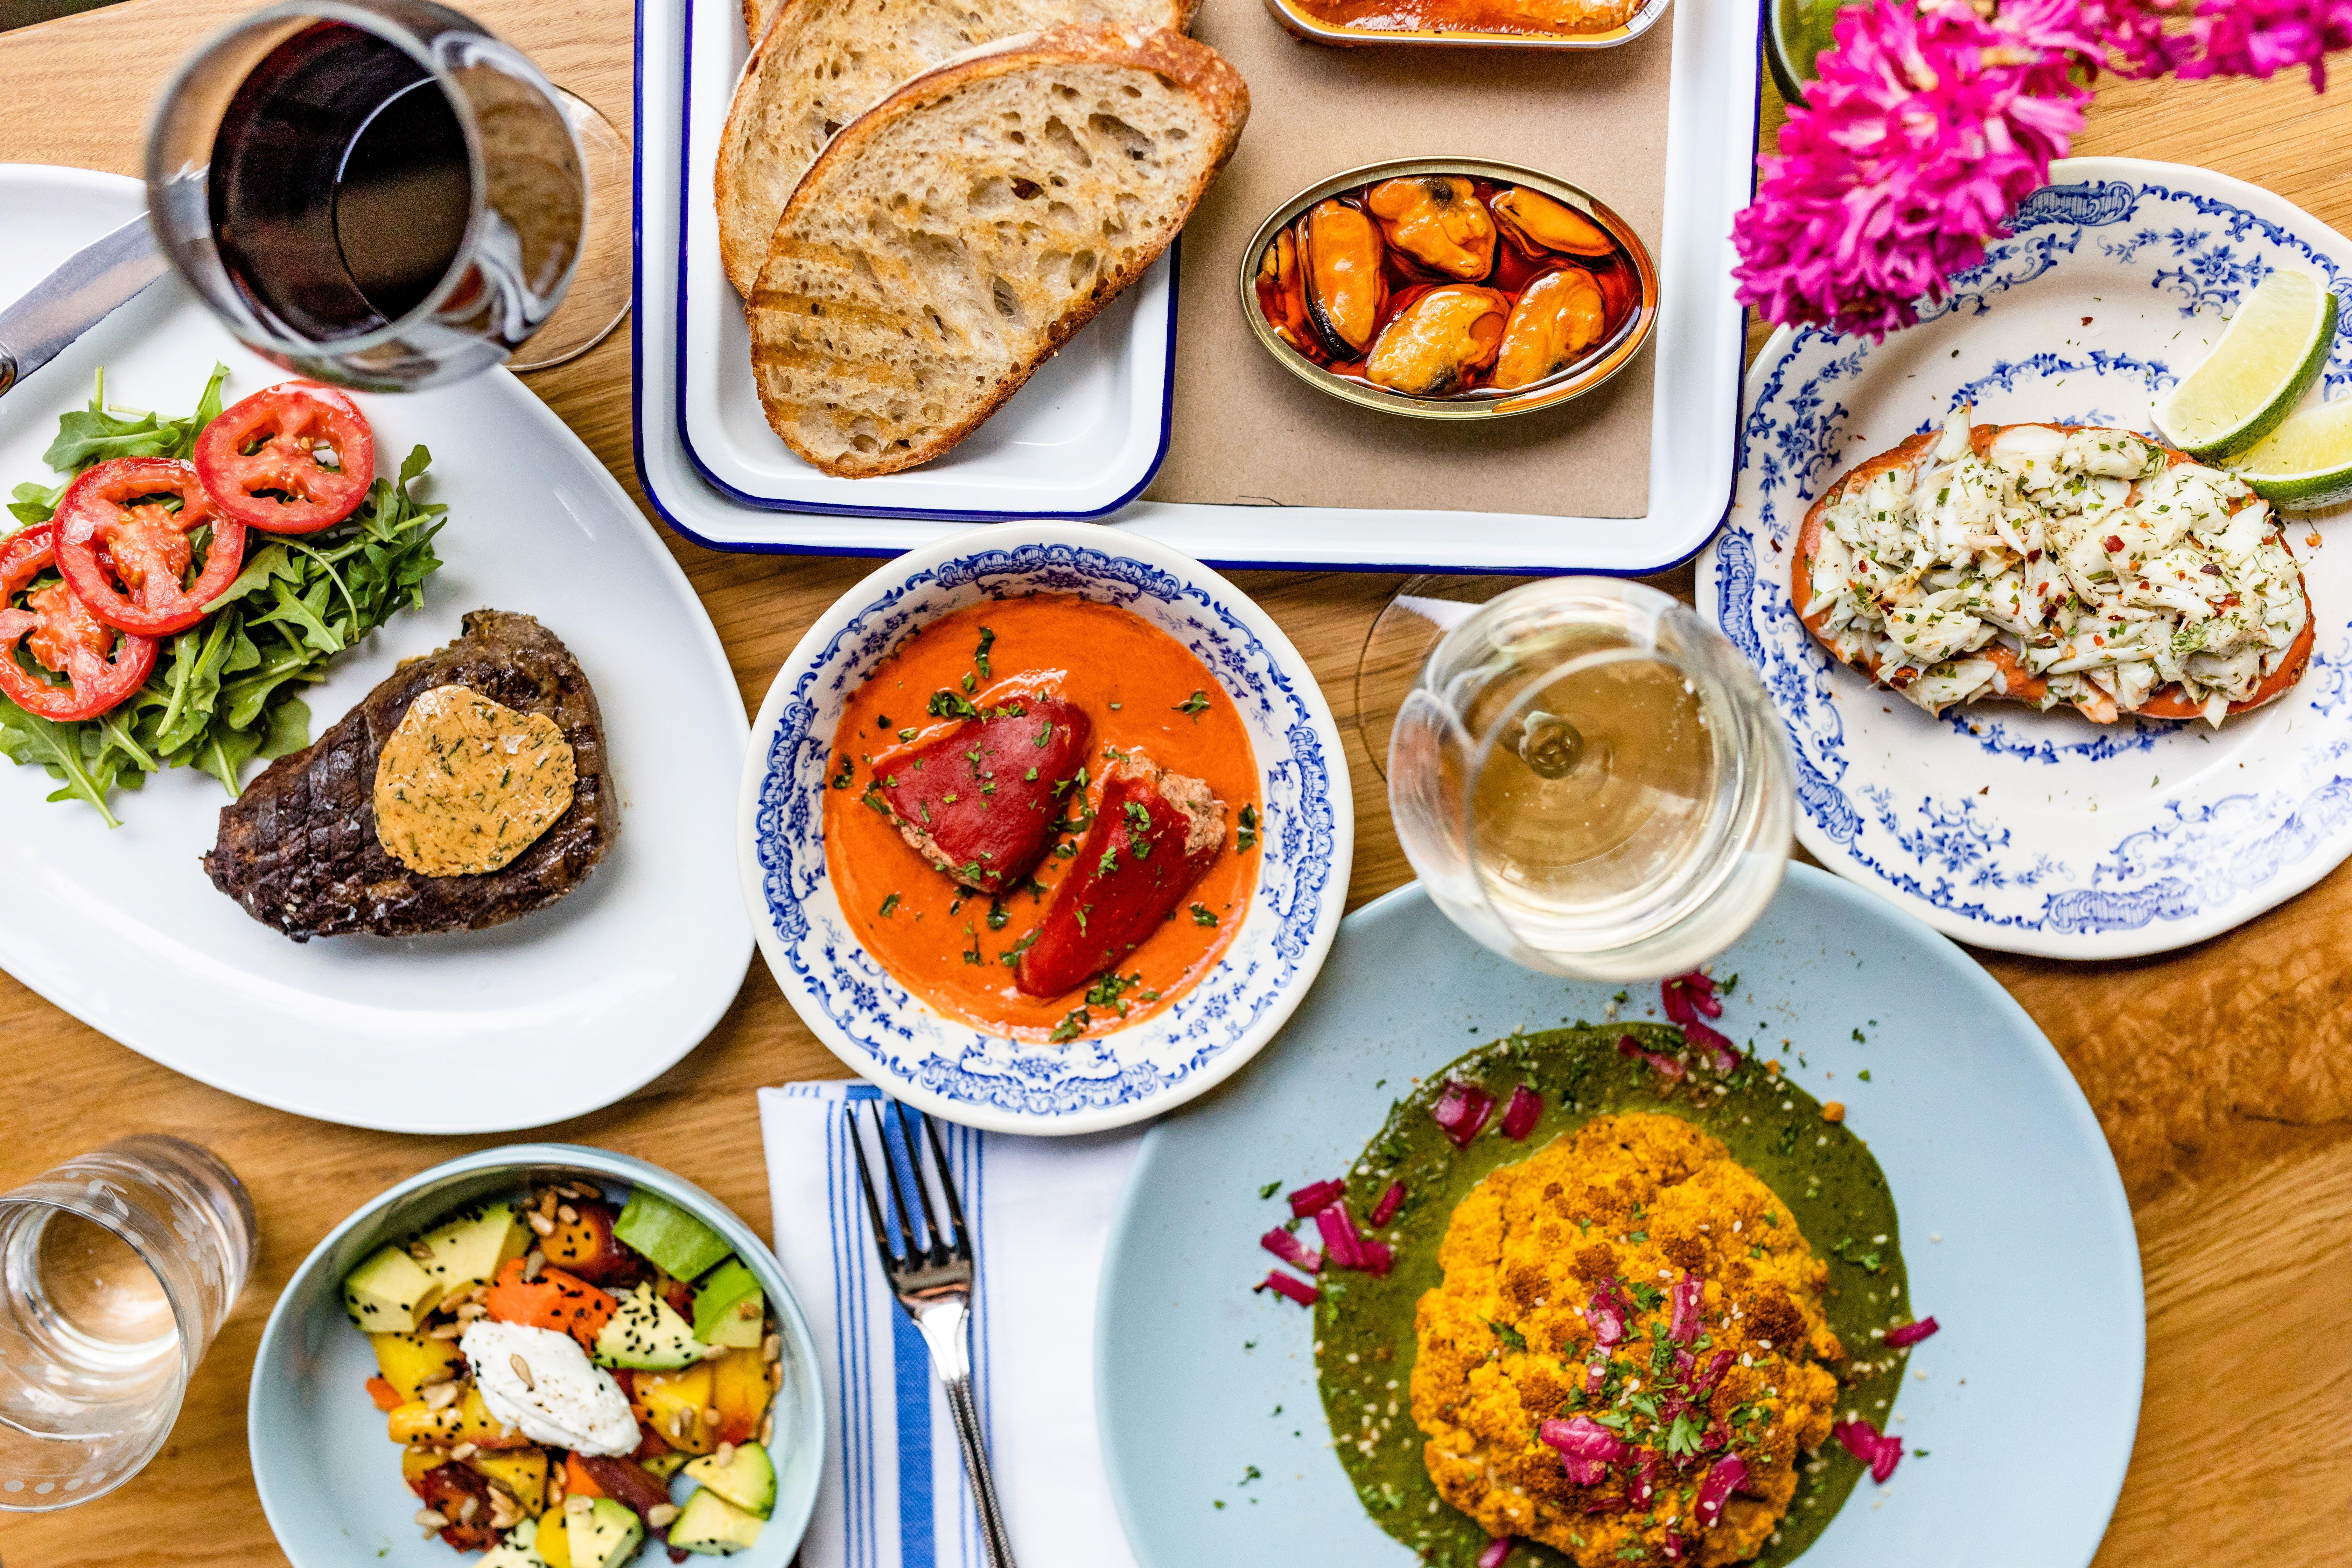 一种地中海食物,包括红辣椒汤、牛排、肌肉、新鲜面包和葡萄酒